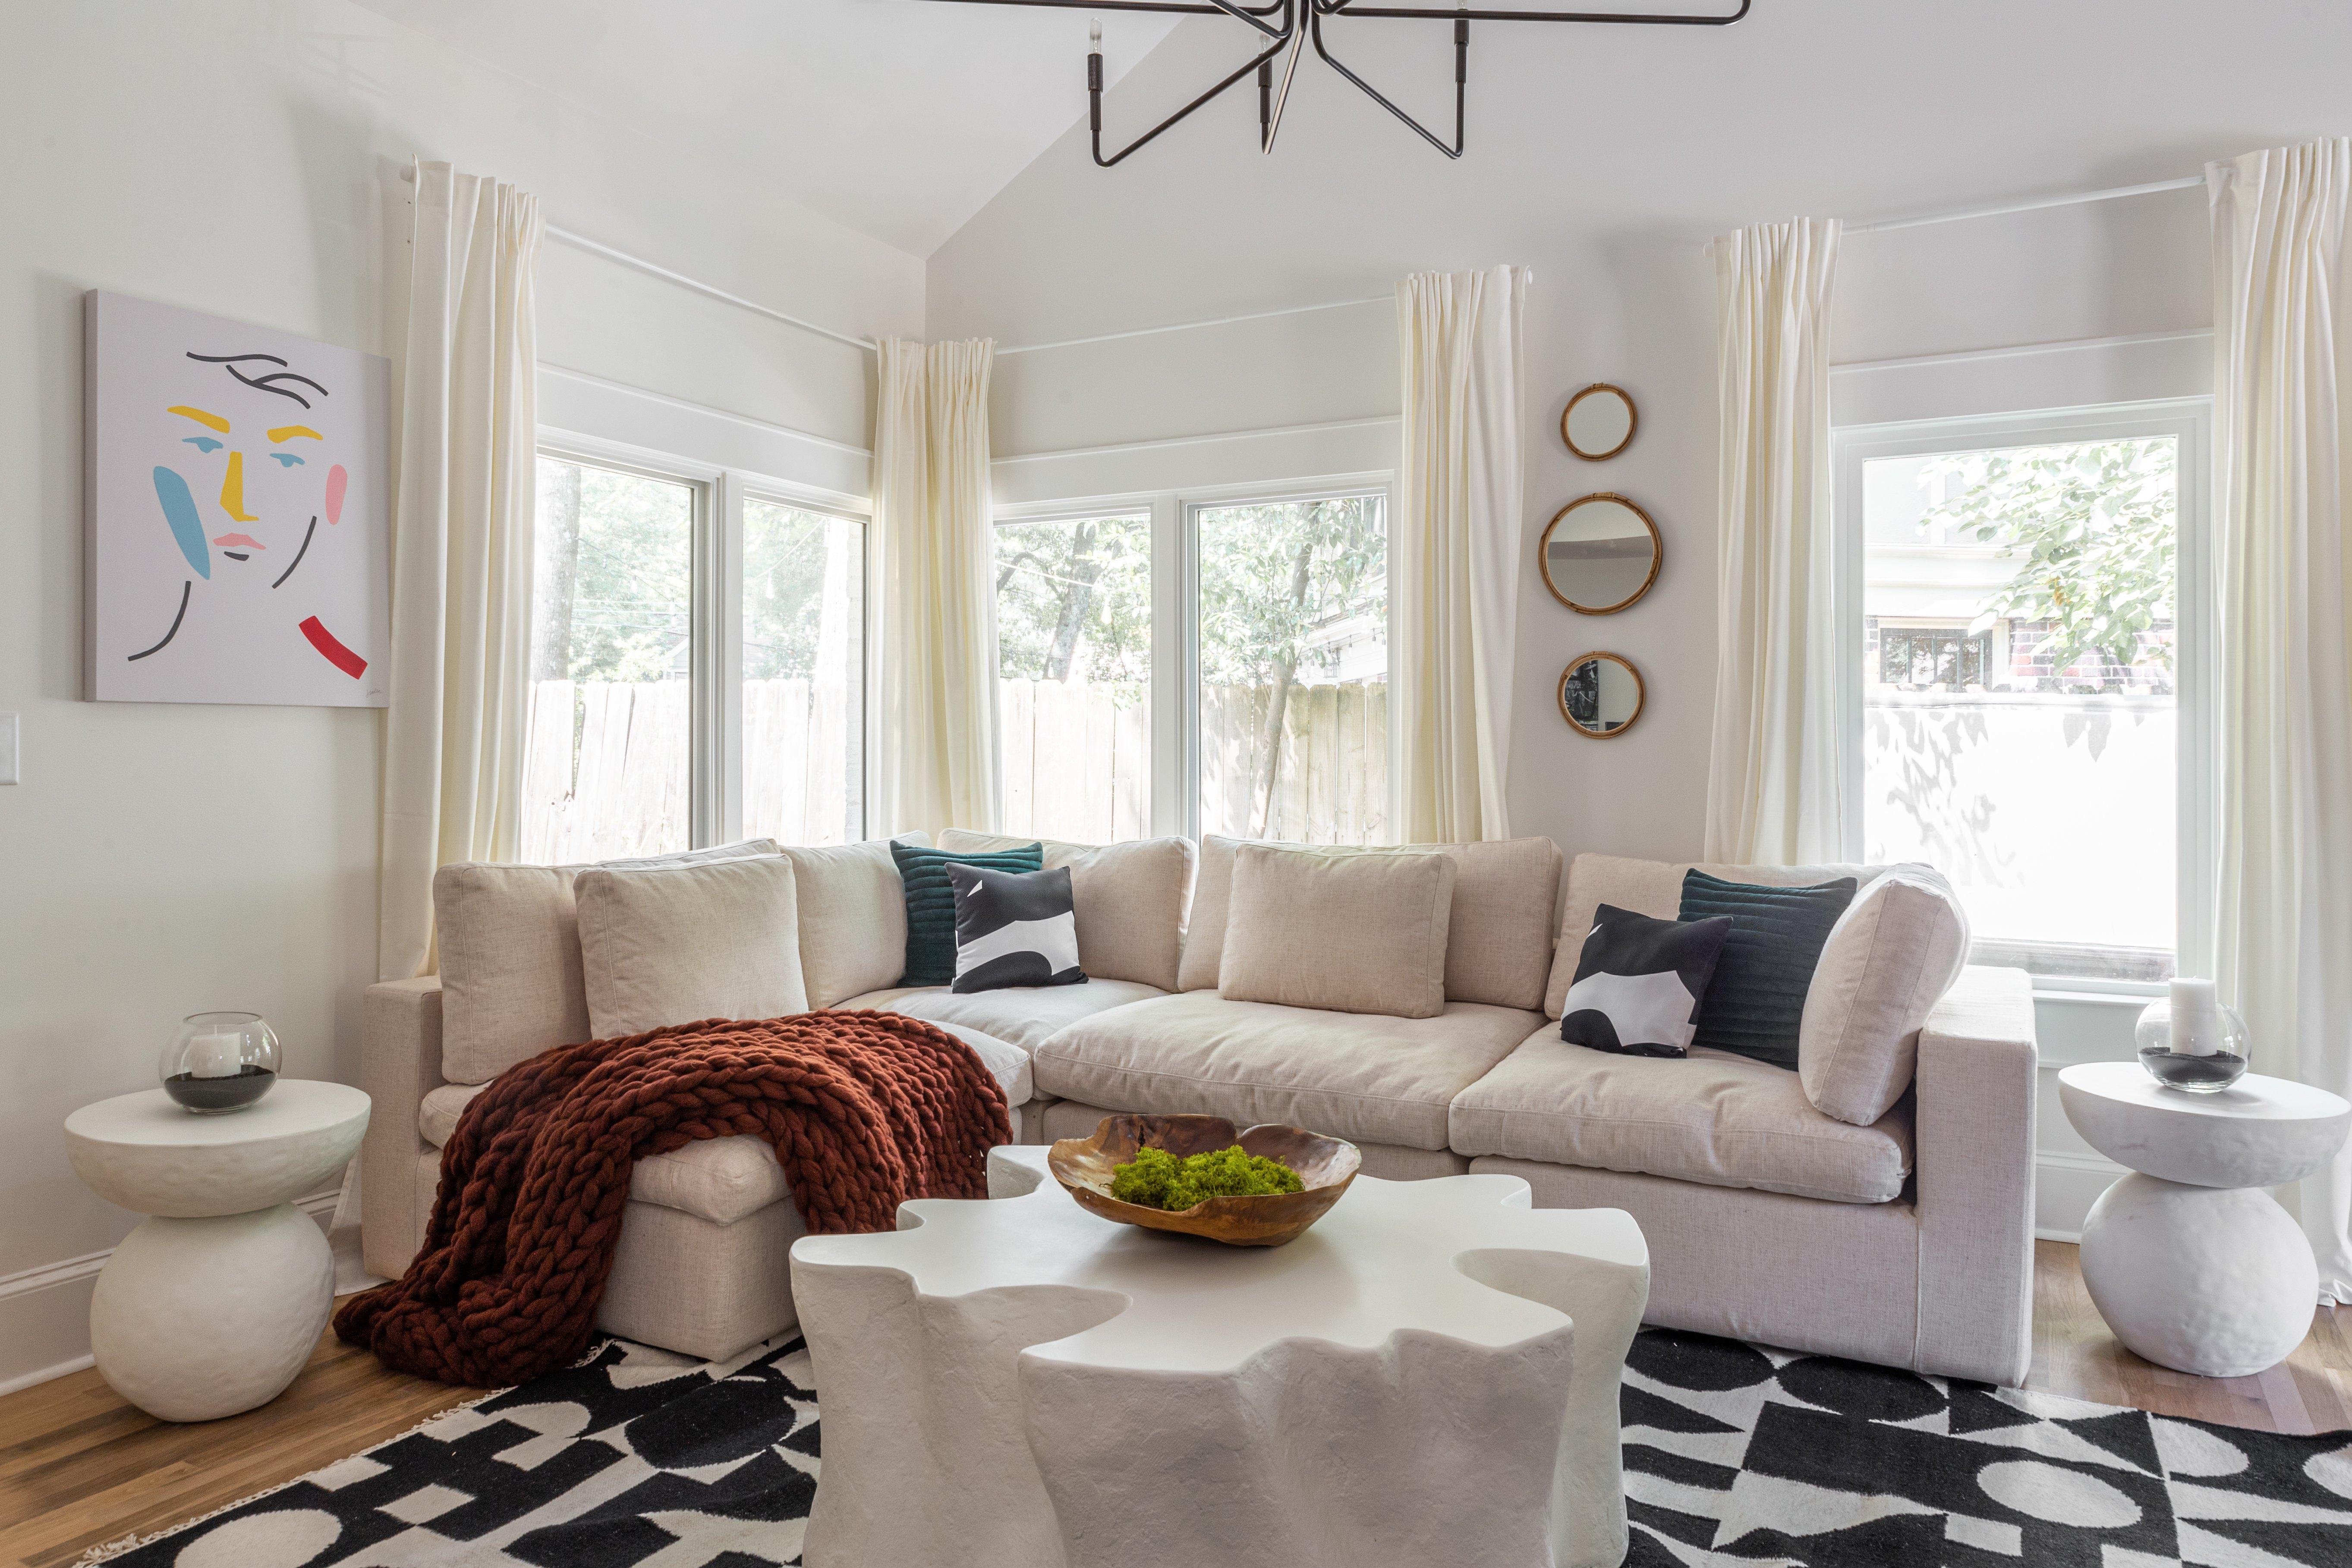 09 living room 20210721-IMG_0173-HDR.jpg